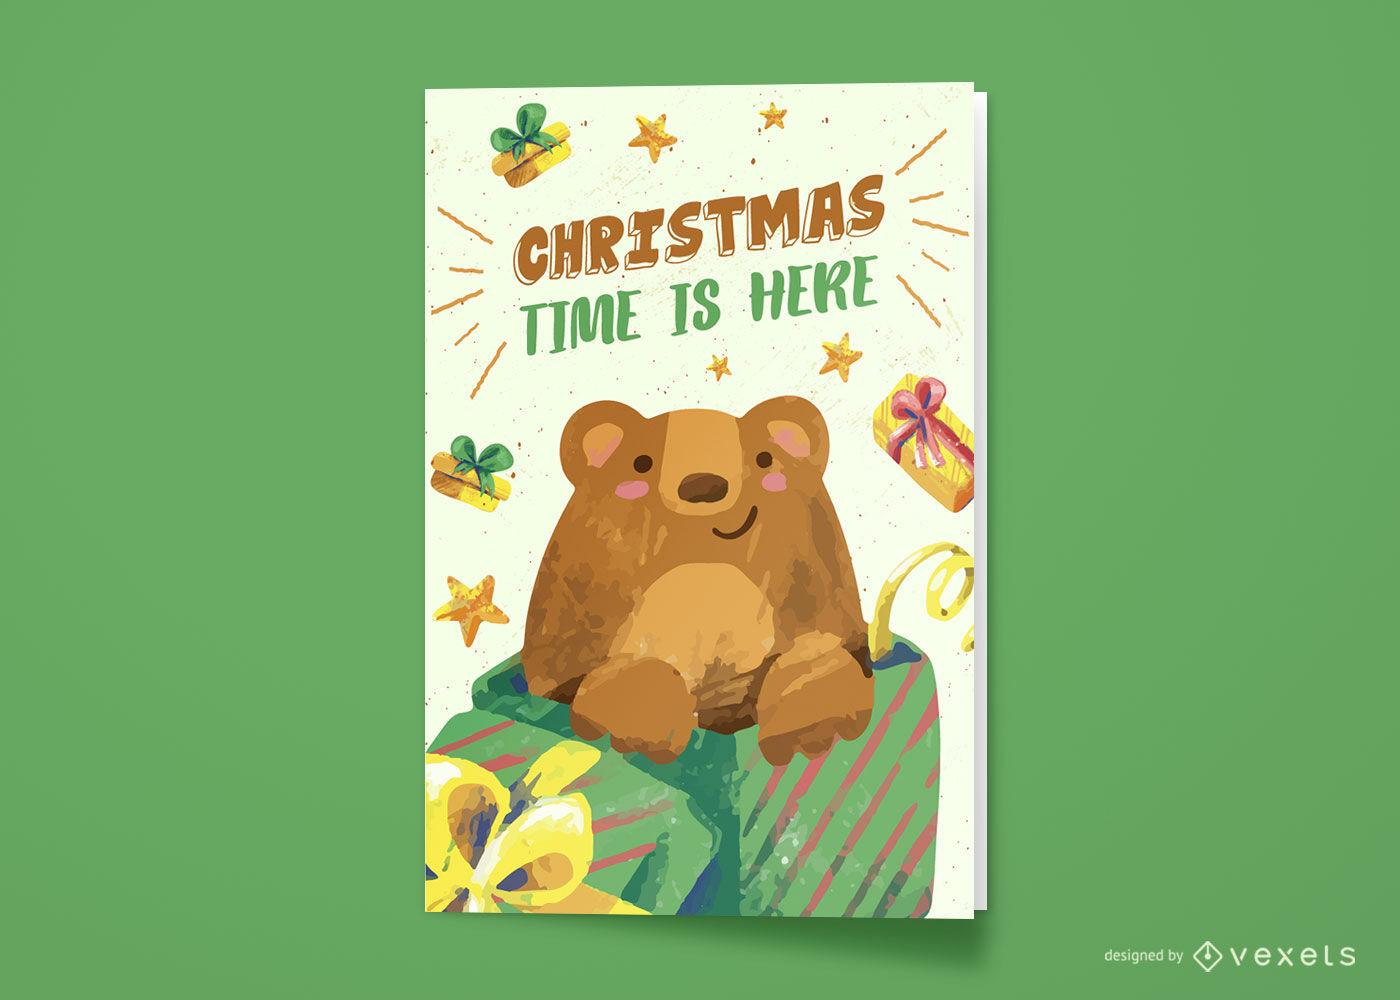 Tiempo de navidad con tarjeta de felicitaci?n de oso